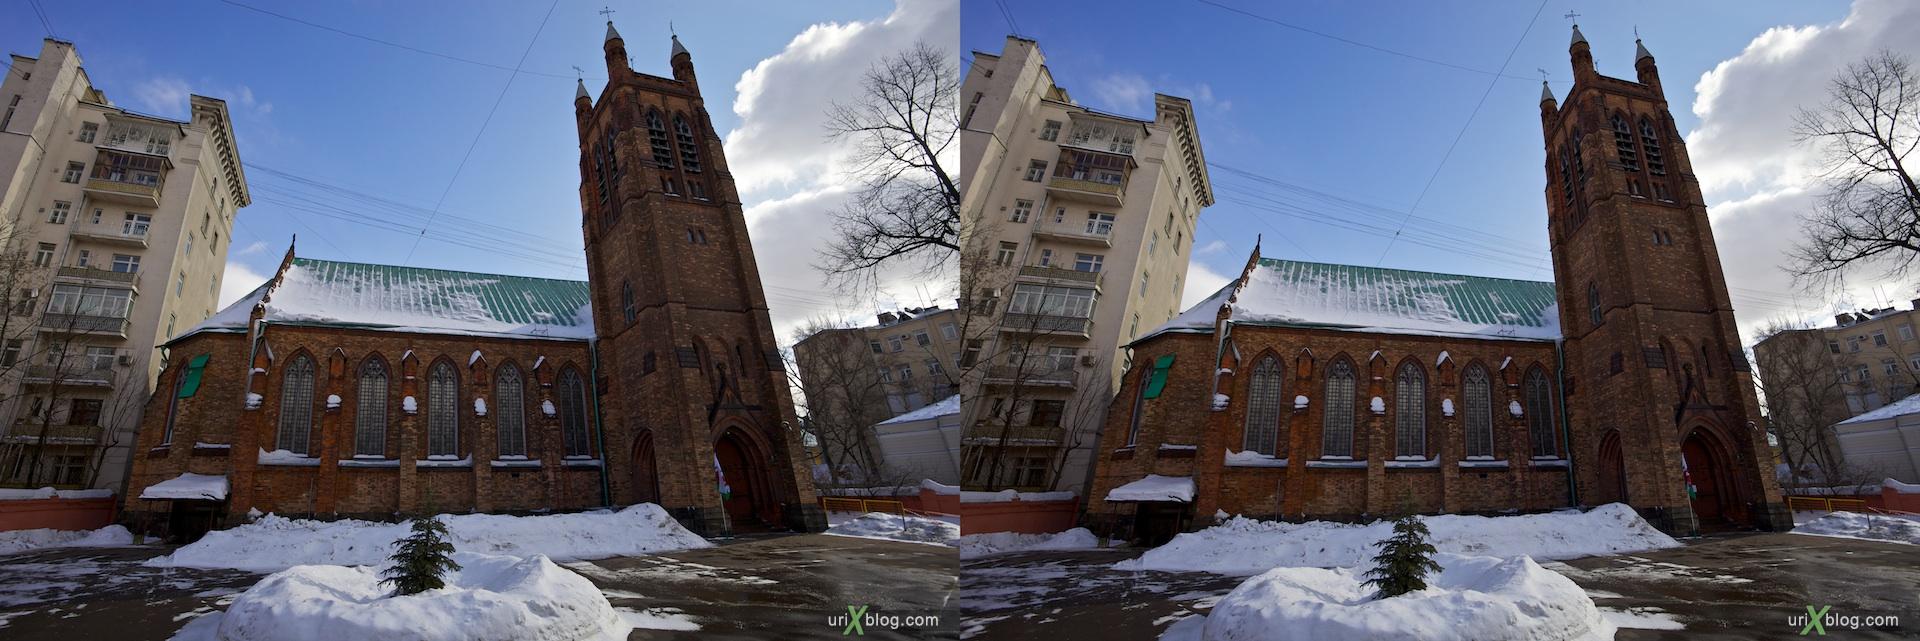 2011 stereo стерео Англиканская церковь святого апостола Андрея, 3D, Москва